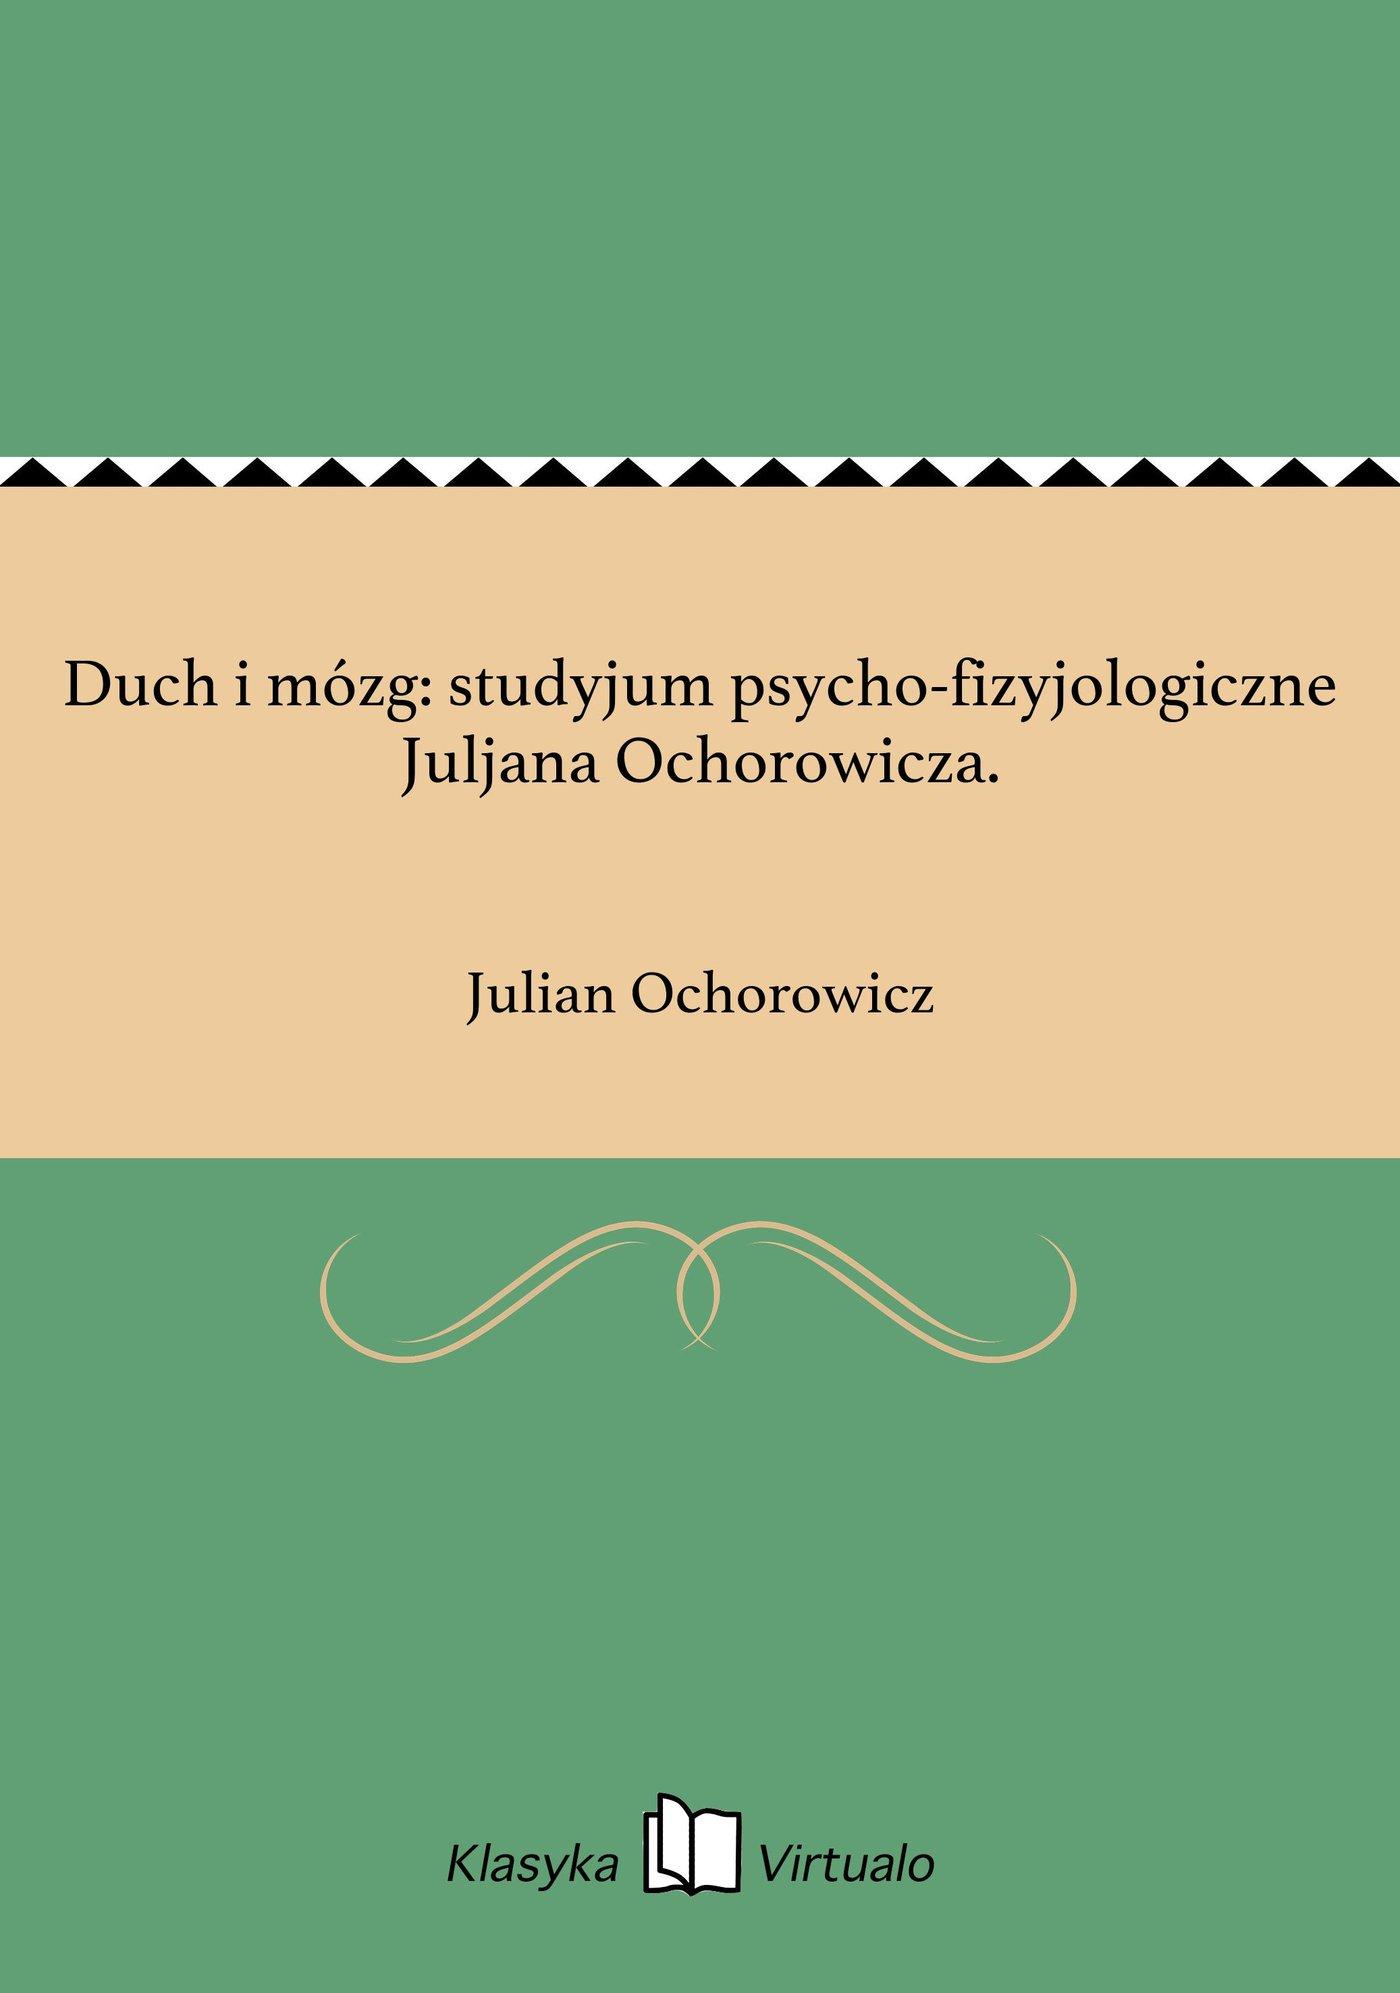 Duch i mózg: studyjum psycho-fizyjologiczne Juljana Ochorowicza. - Ebook (Książka EPUB) do pobrania w formacie EPUB